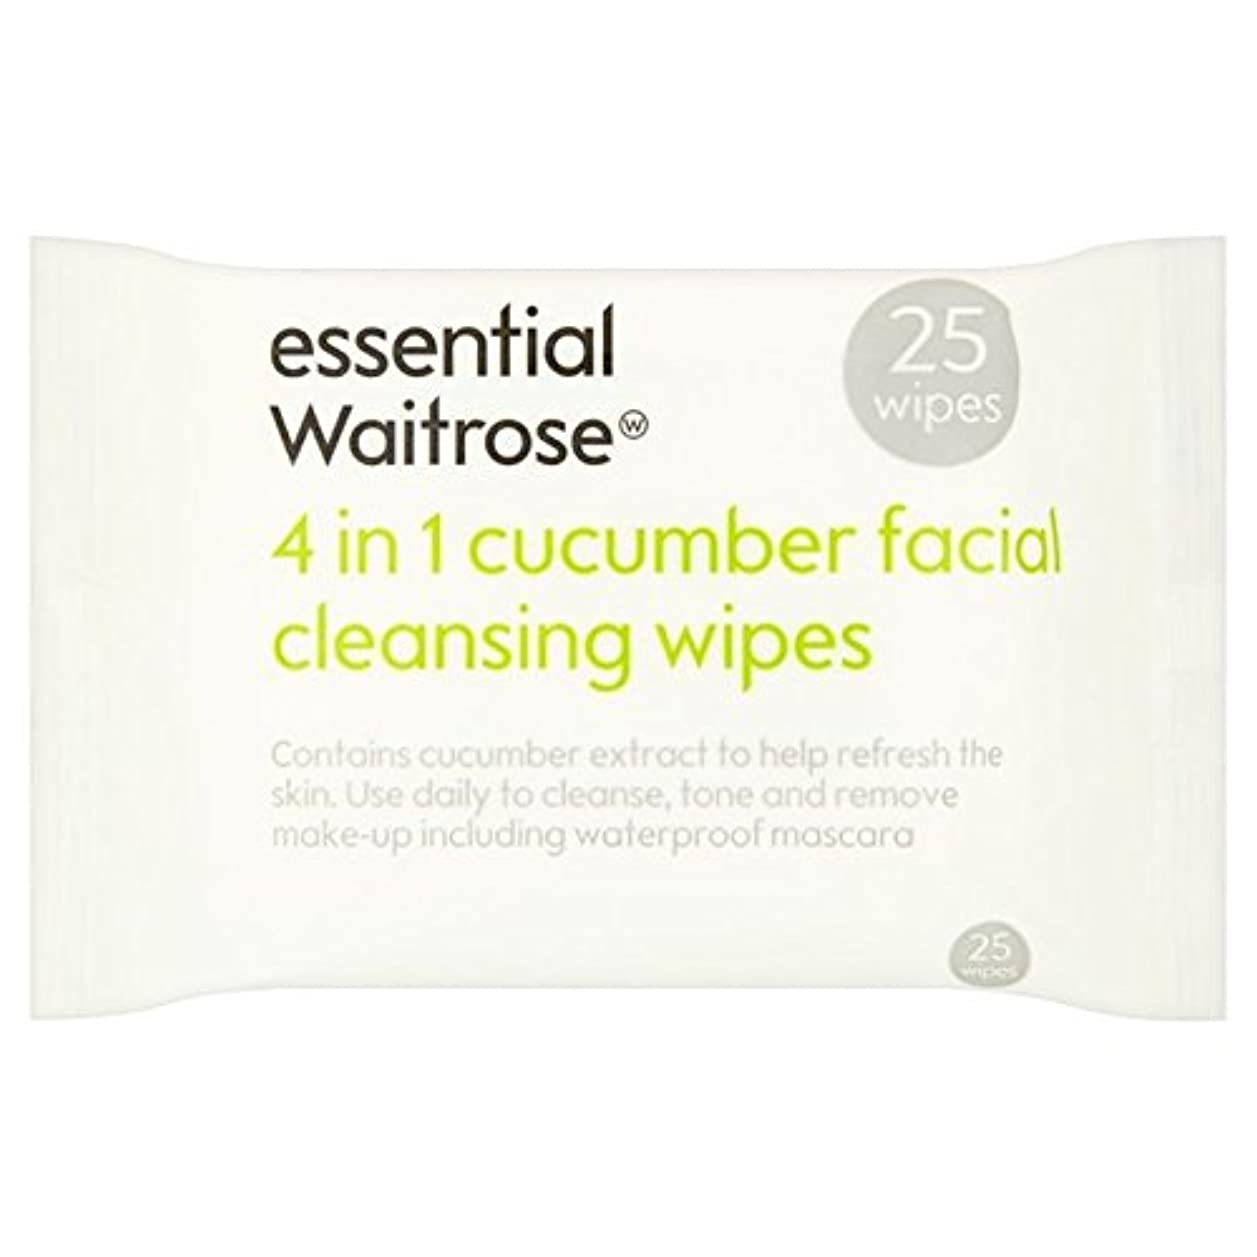 フィード中毒性差別Cucumber Facial Wipes essential Waitrose 25 per pack (Pack of 6) - キュウリ顔のワイプパックあたり不可欠ウェイトローズ25 x6 [並行輸入品]